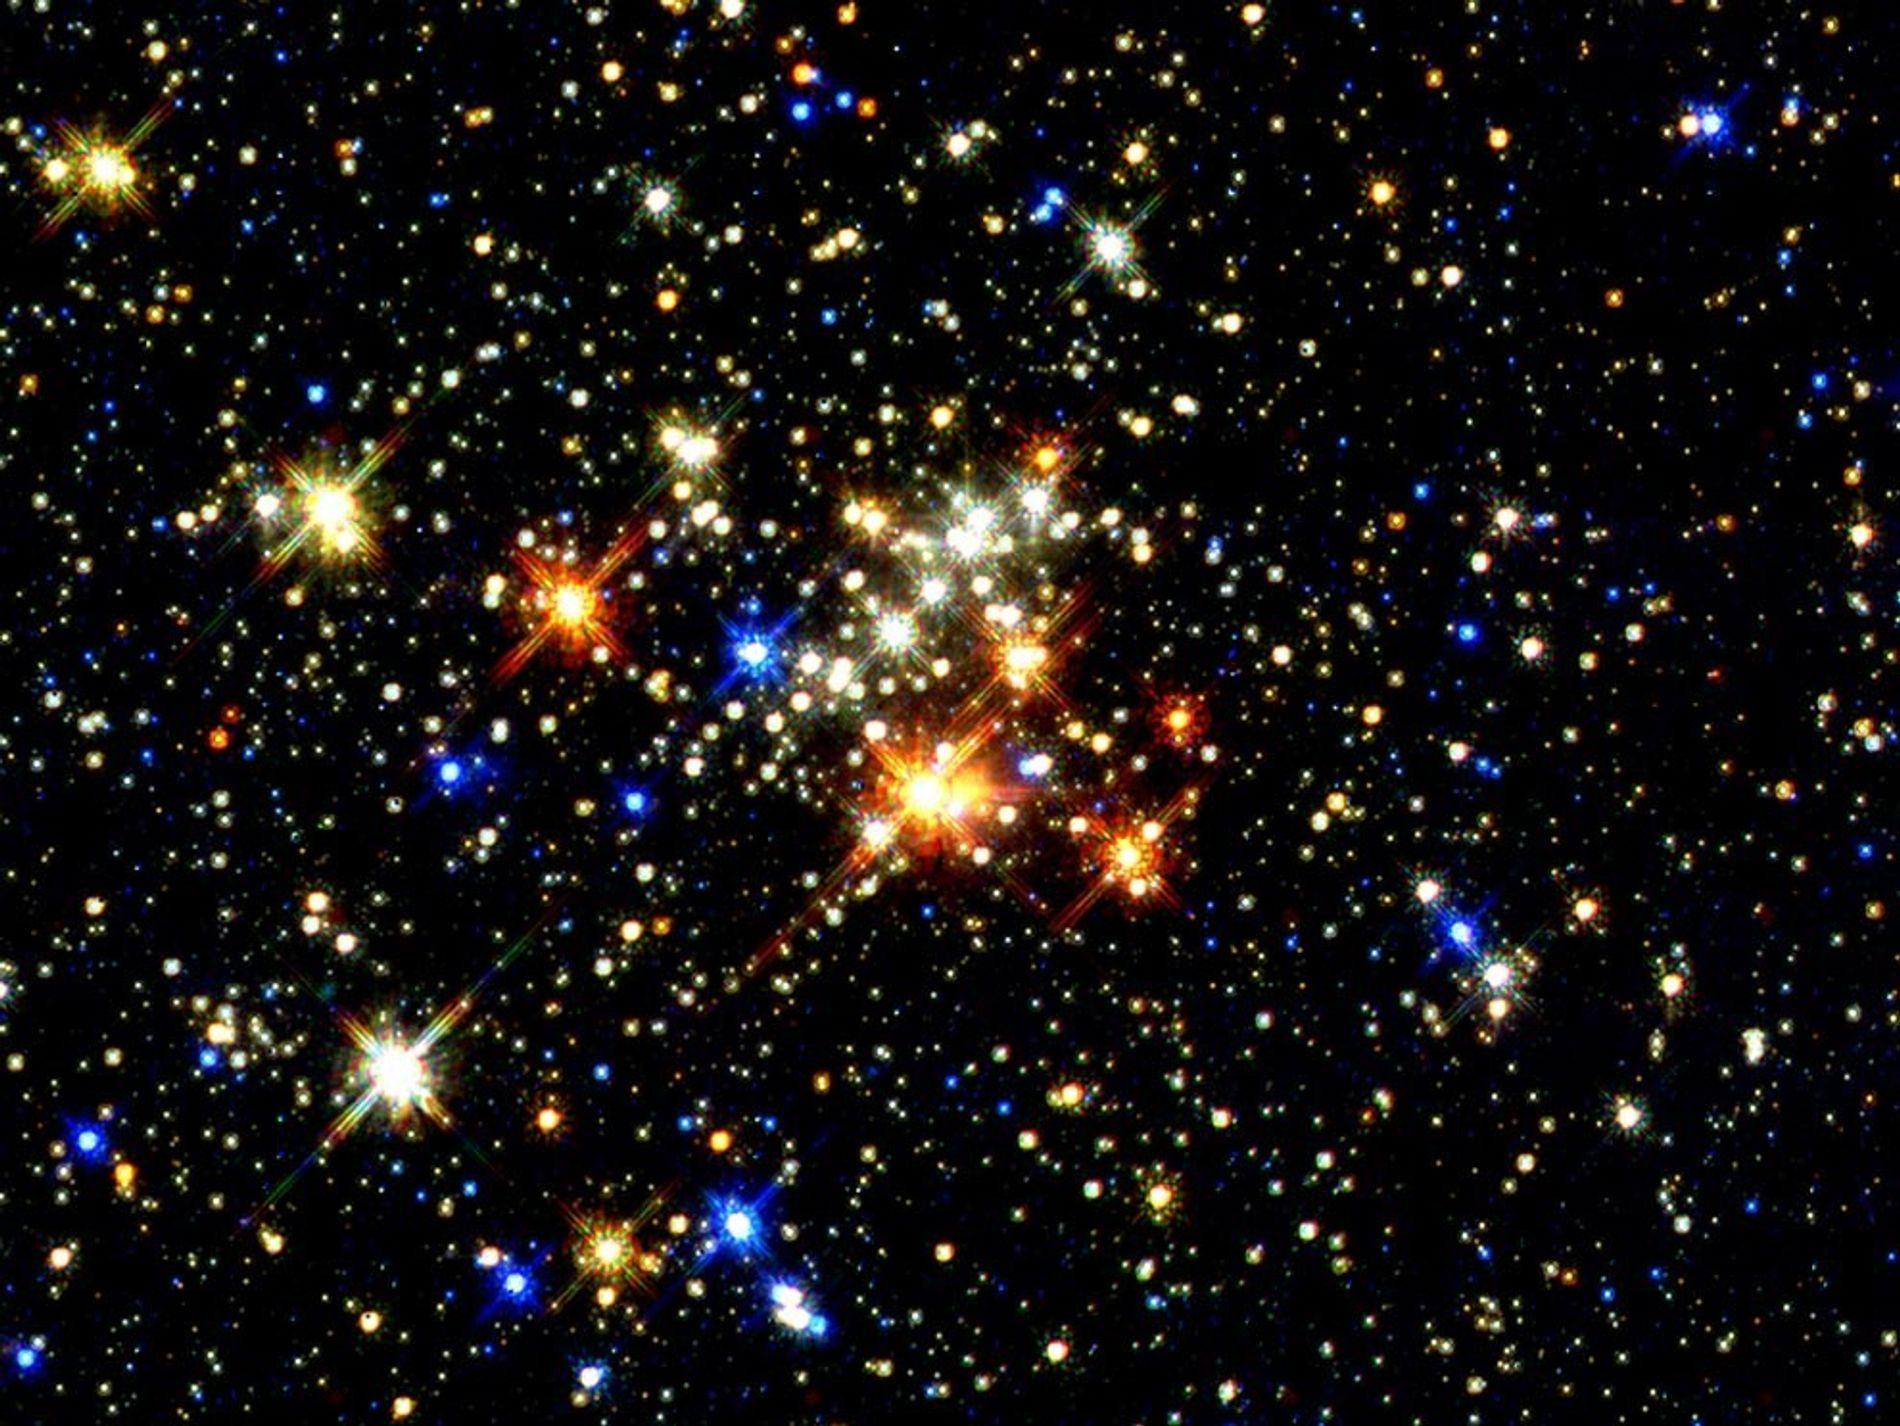 Todo lo que querías saber sobre las estrellas | National Geographic